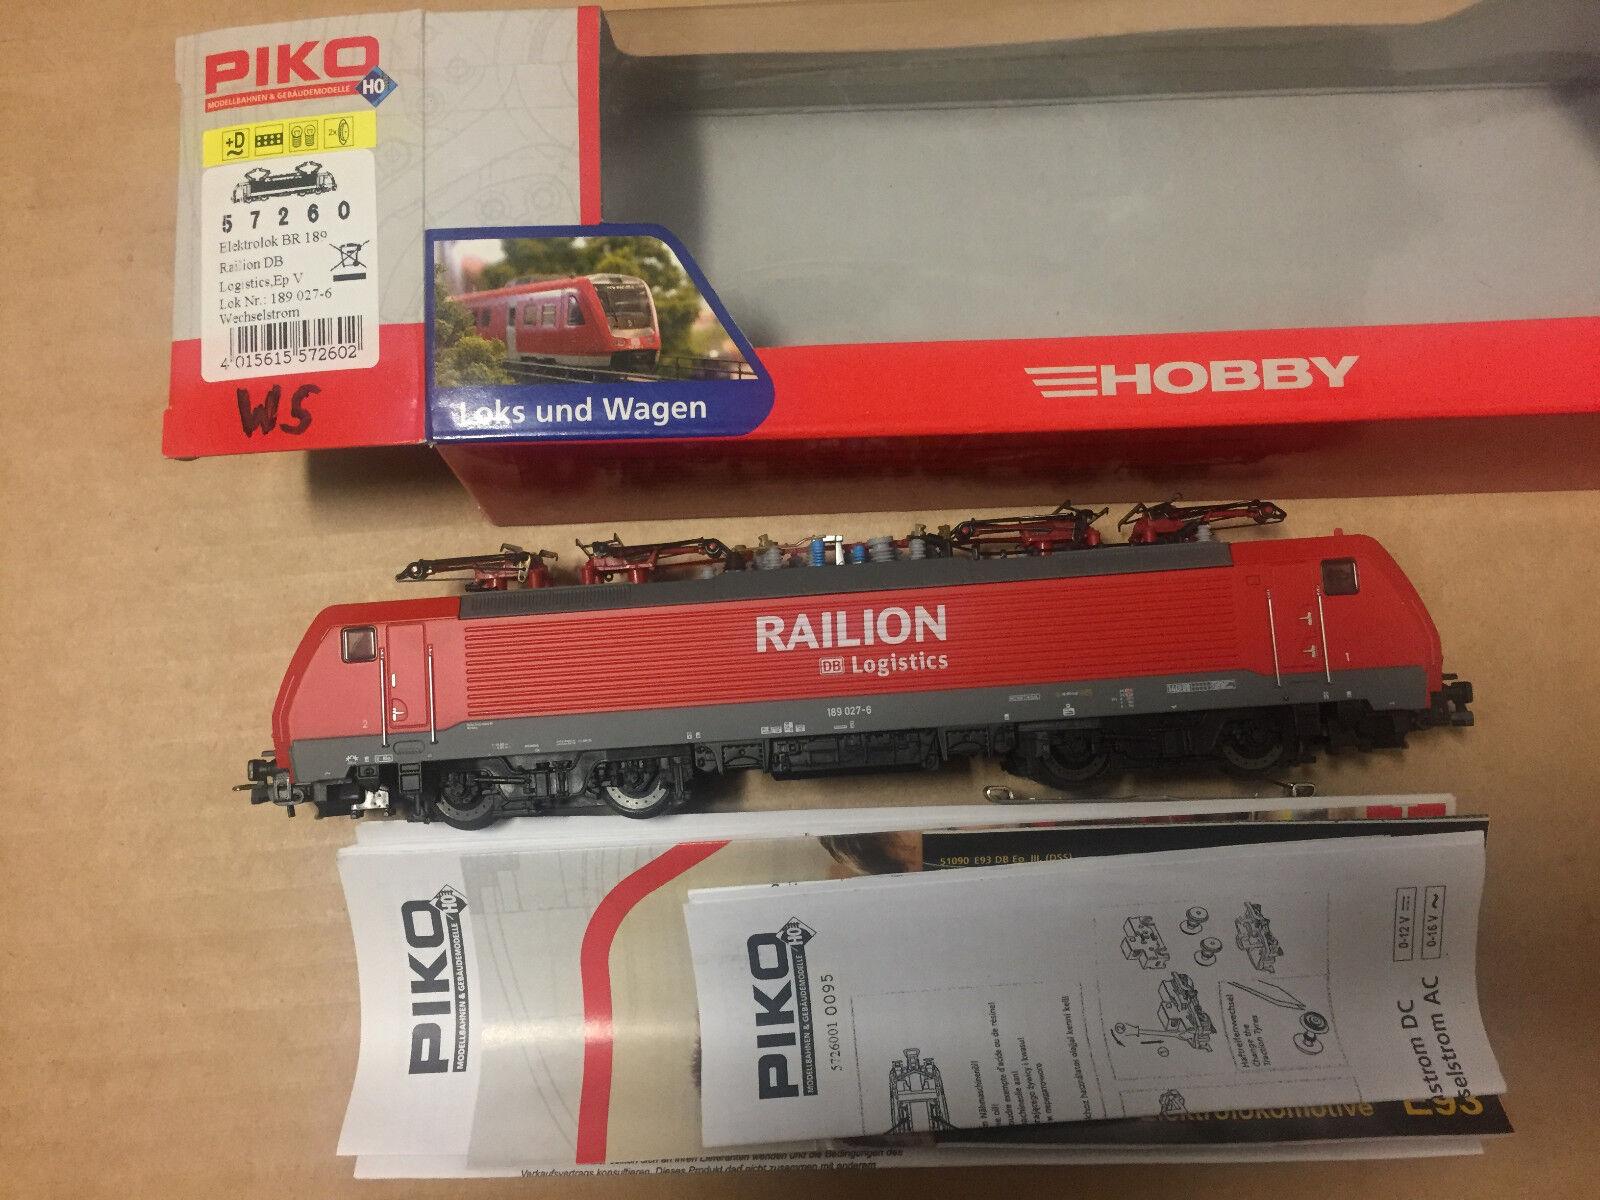 PIKO 57260 h0 E-Lok BR 180 180 180 delle DB RAILION Logistics per Marklin TOP + OVP 186ee3